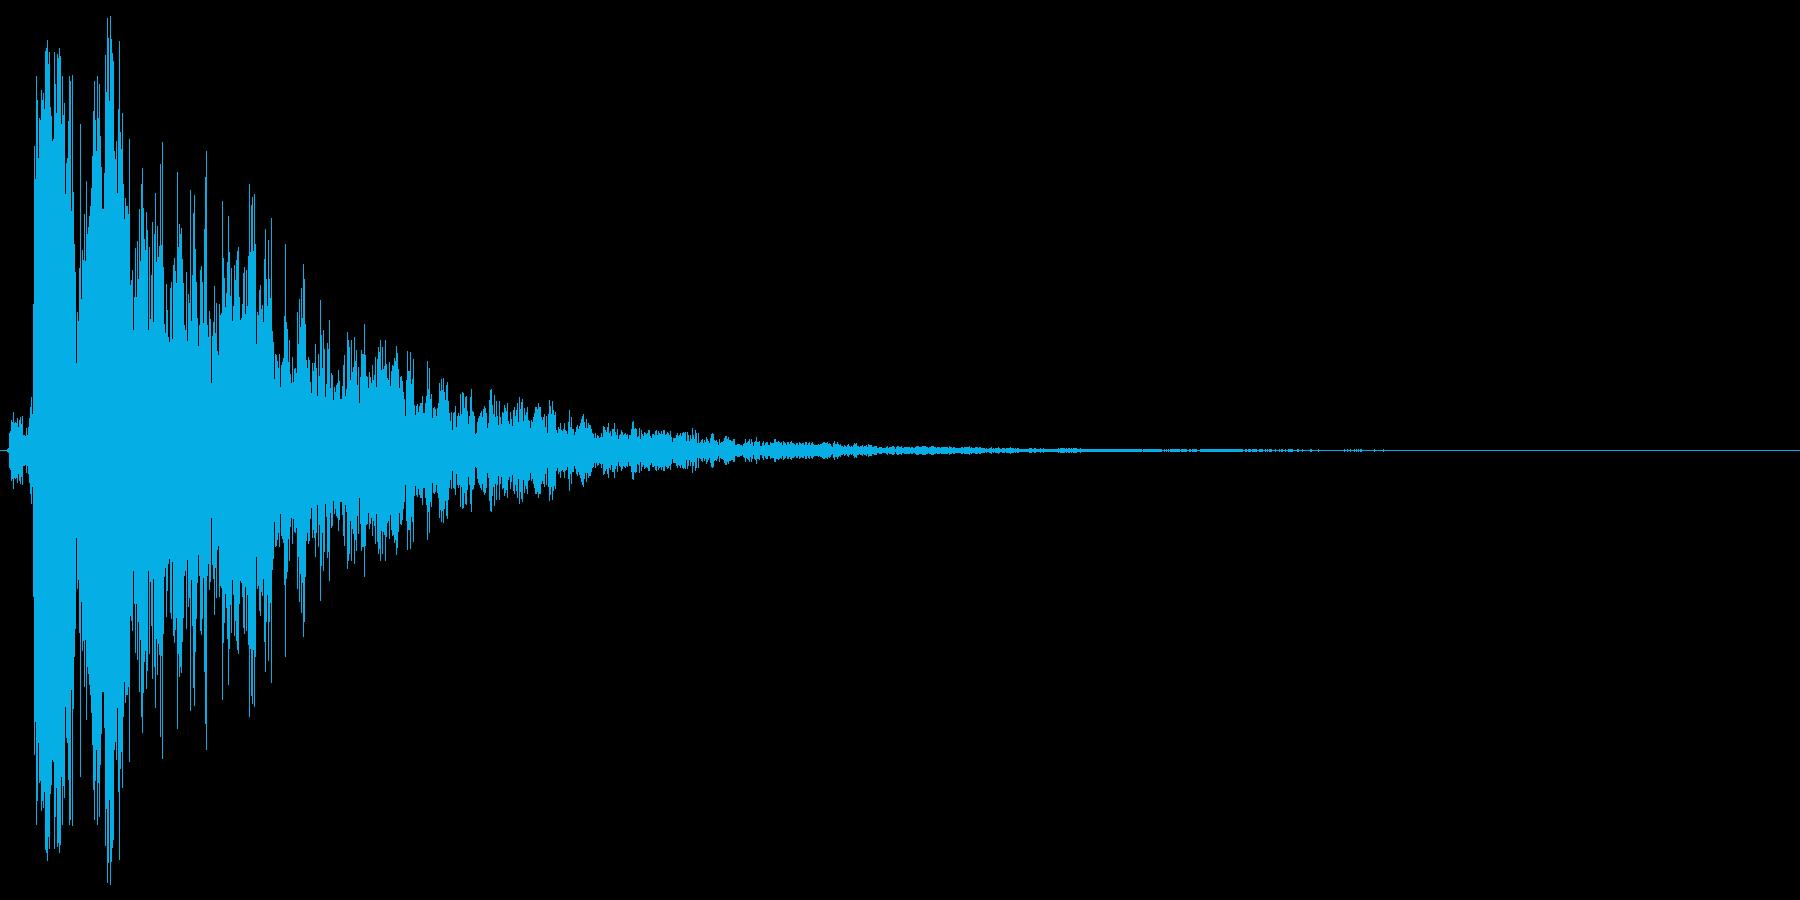 シャーン。きらめく・テロップ音(鈴・低)の再生済みの波形